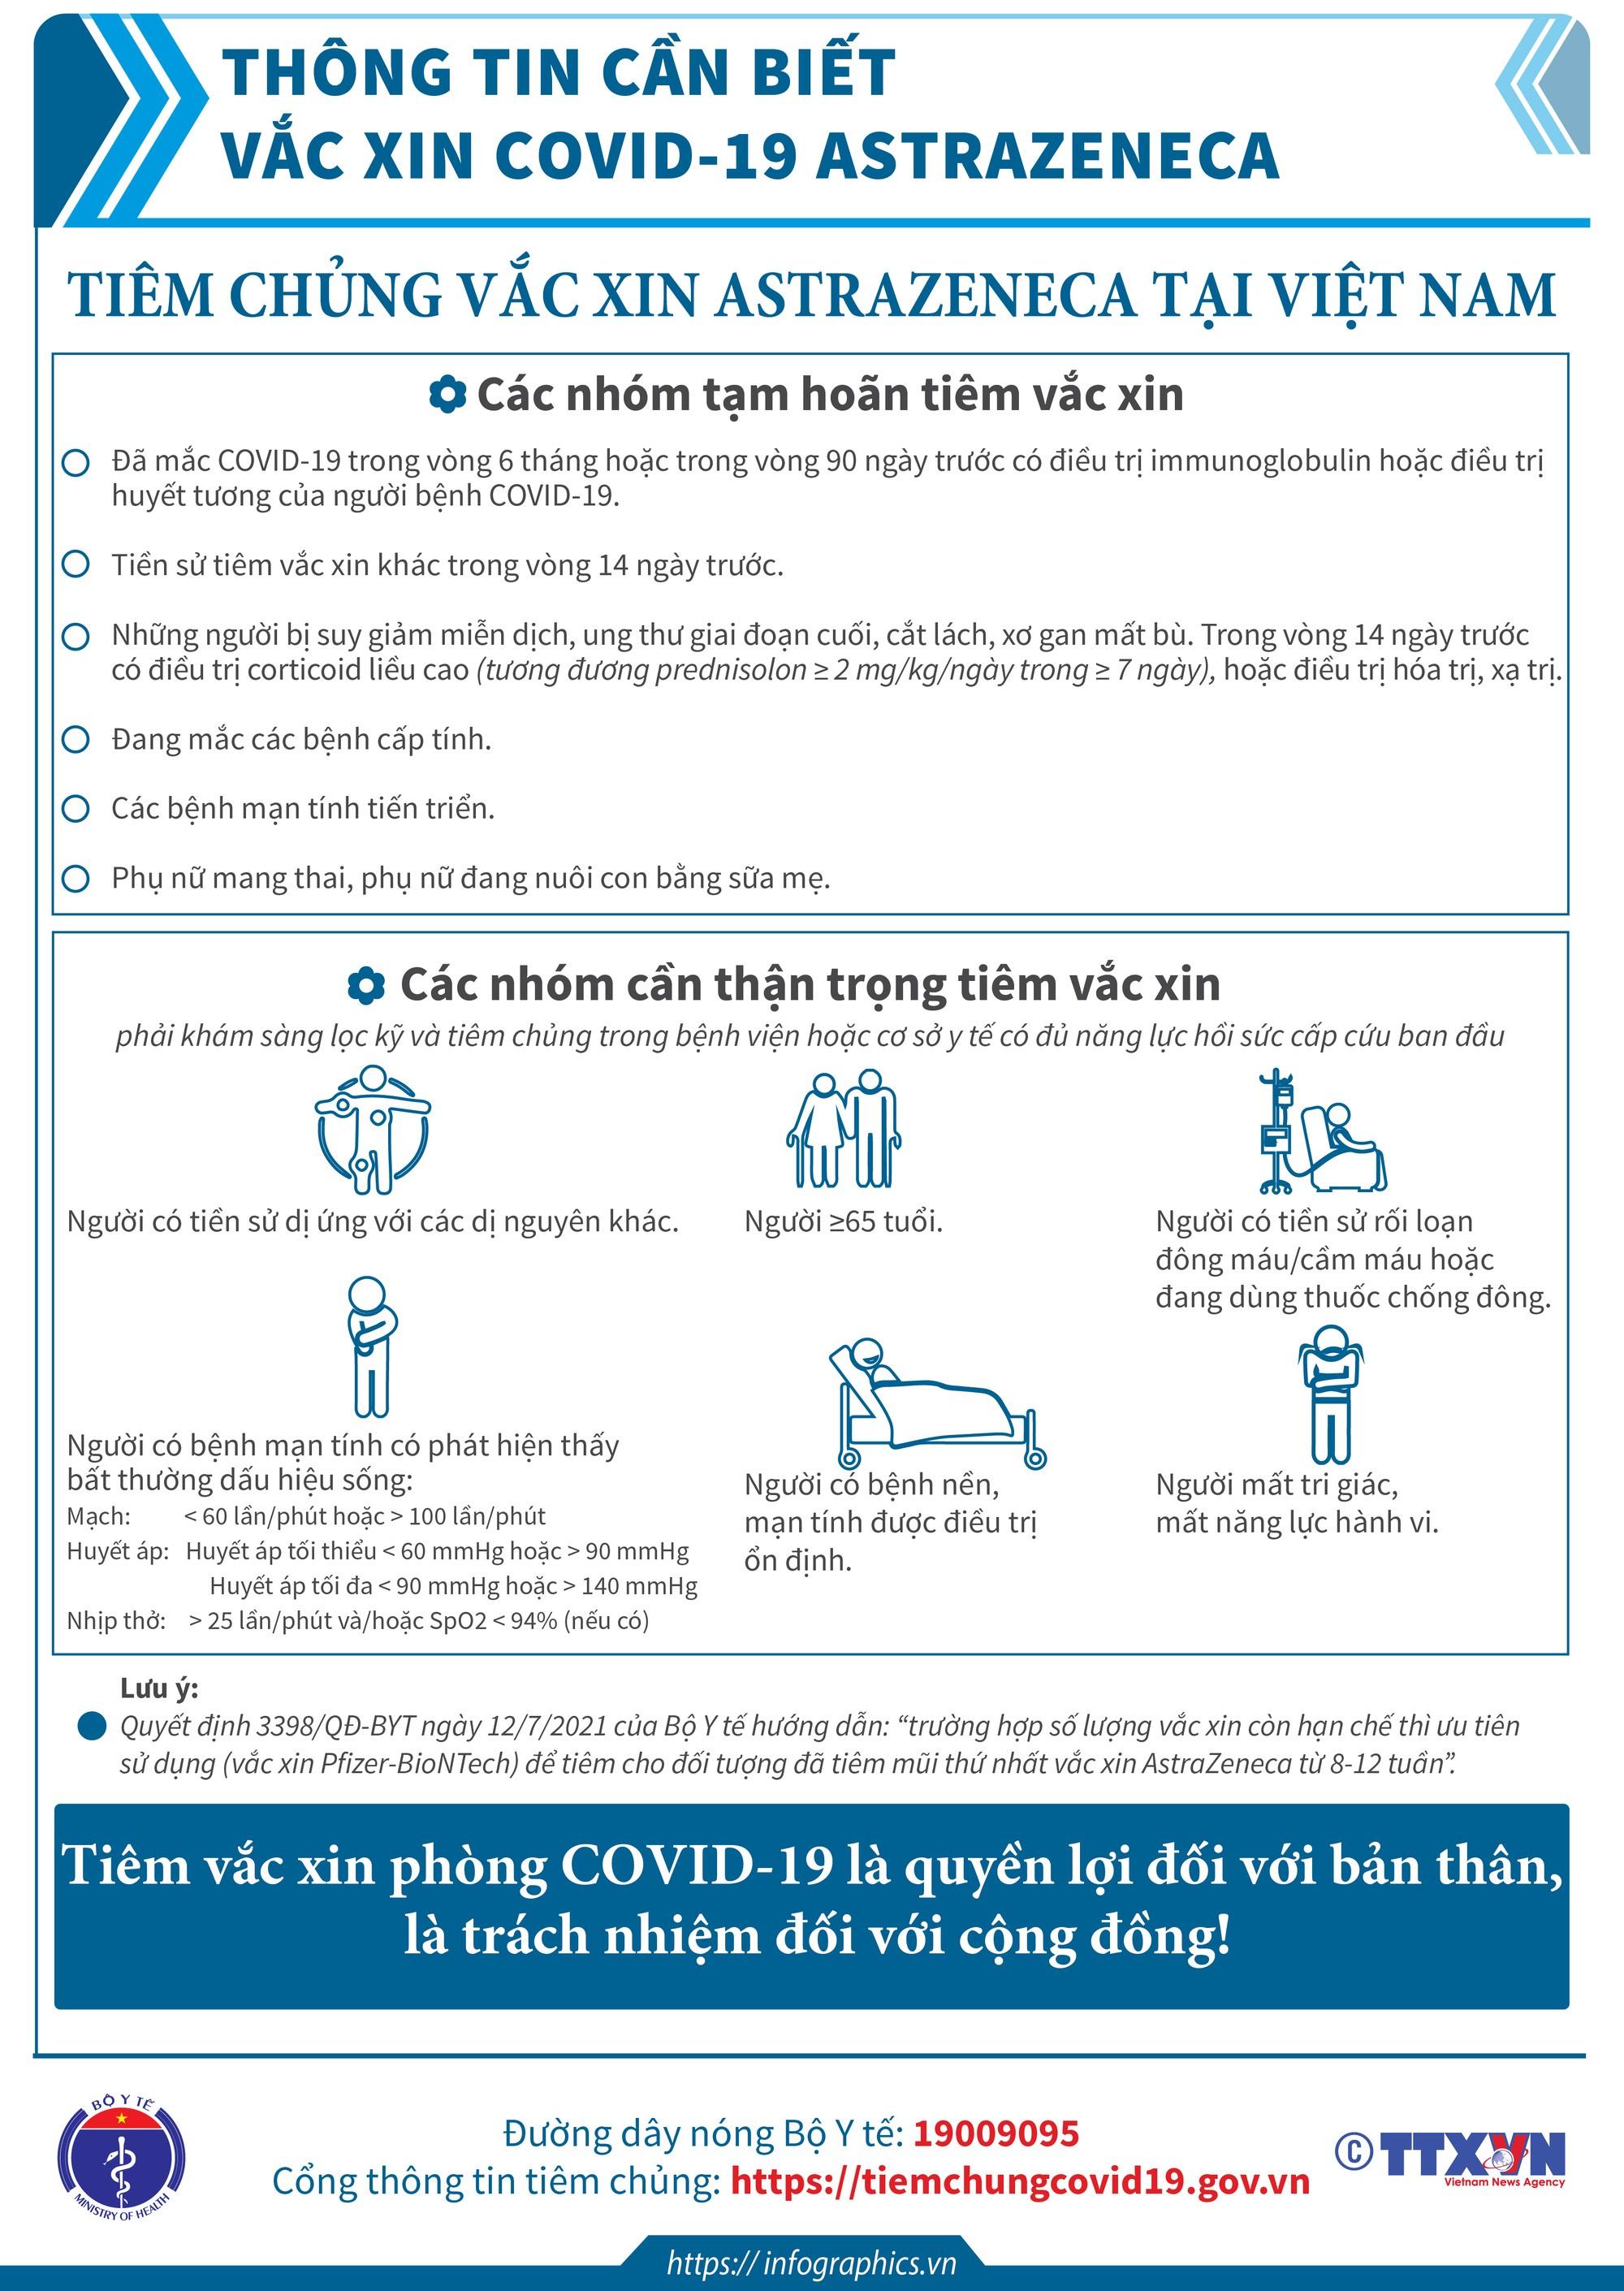 Thông tin cần biết về một số vaccine COVID-19 đang triển khai tiêm chủng tại Việt Nam. - Ảnh 4.